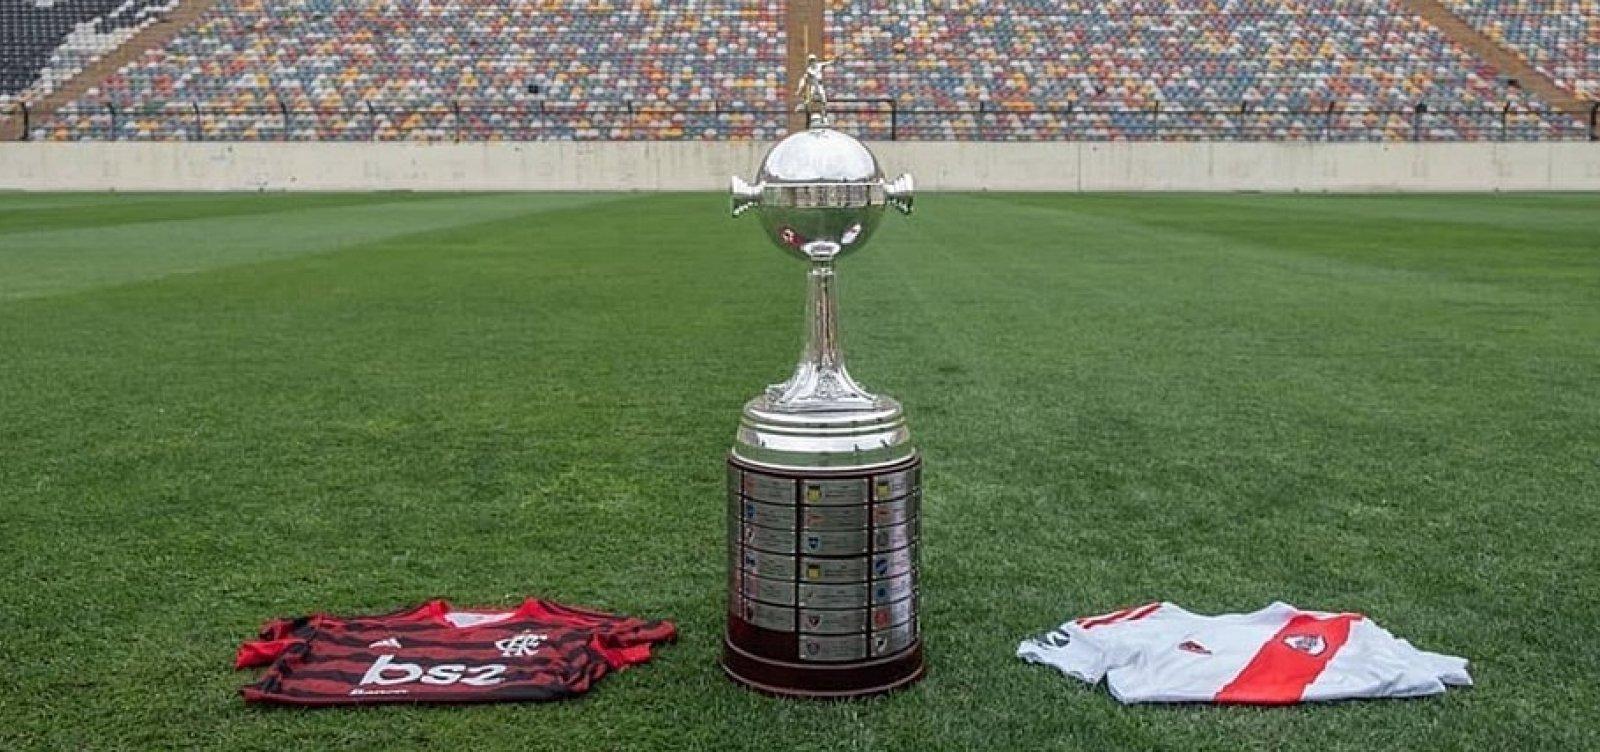 [Mais de 300 equipamentos são roubados de estádio que sedia final da Libertadores]